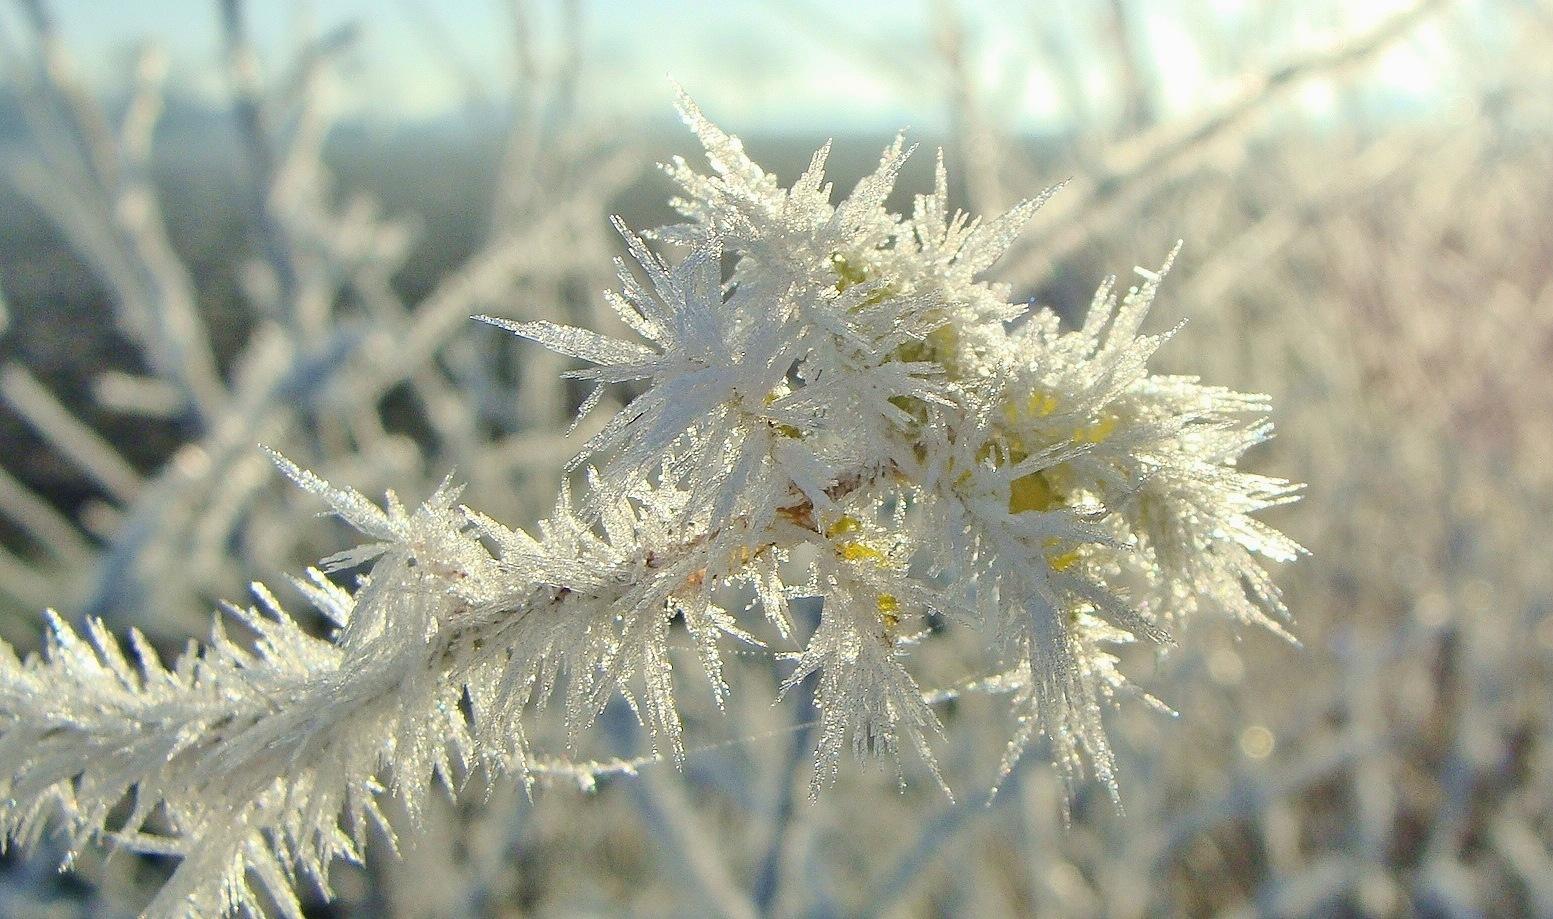 Winter Time by Maarten koudijs